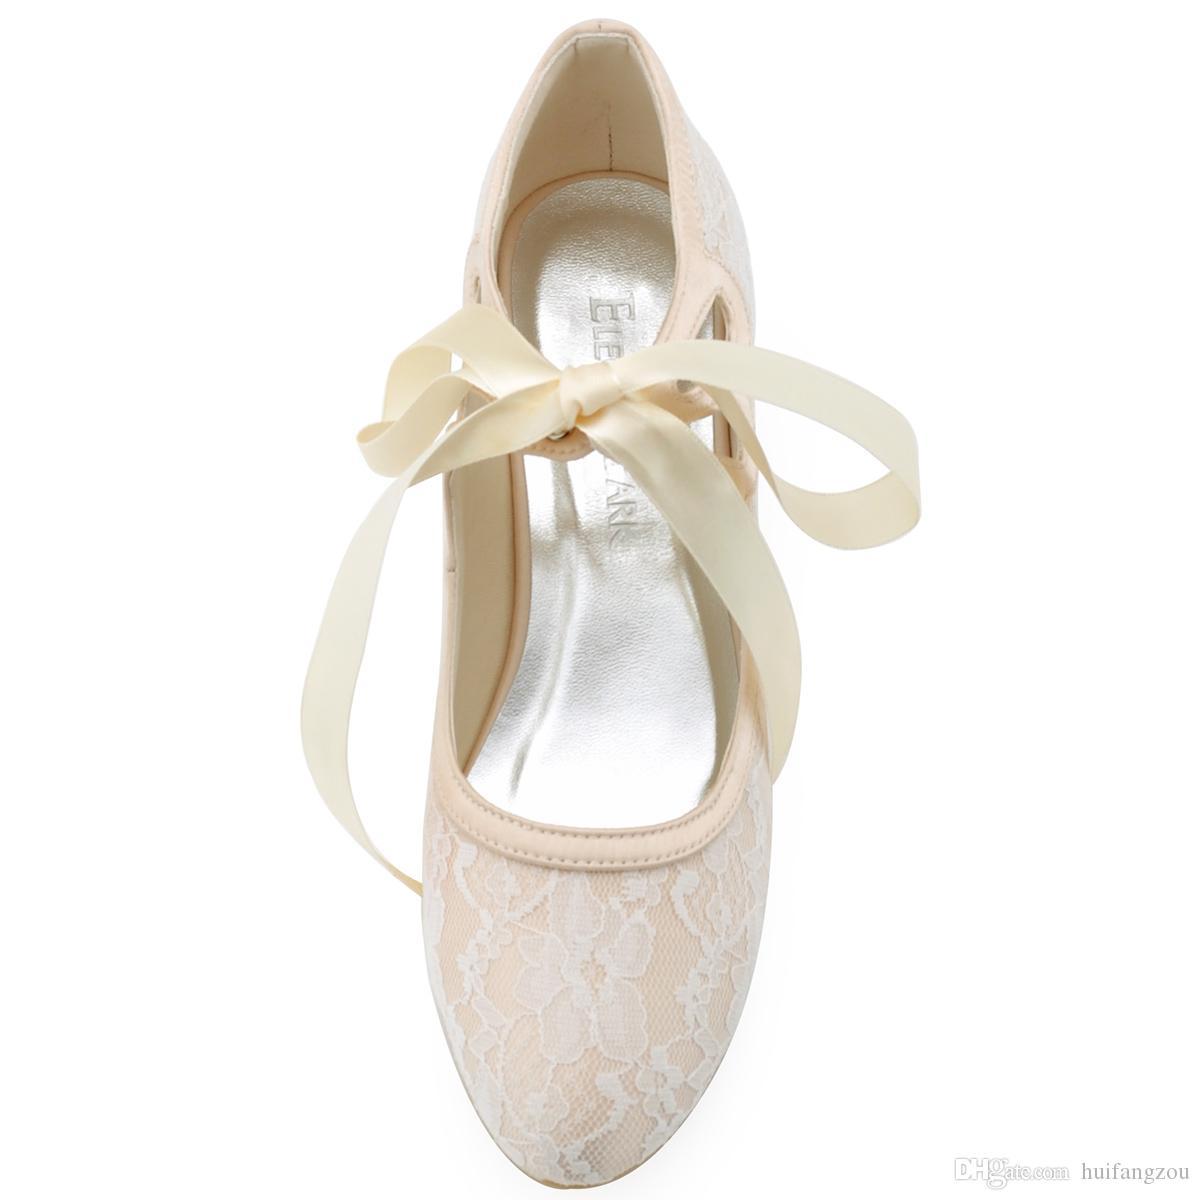 Kadın Ayakkabıları Saten Üst Orta Biriktirme Topuk Kapalı Toe Biriktirme Topuk Şerit Kravat Düğün Gelin Ayakkabıları Ile Pompalar